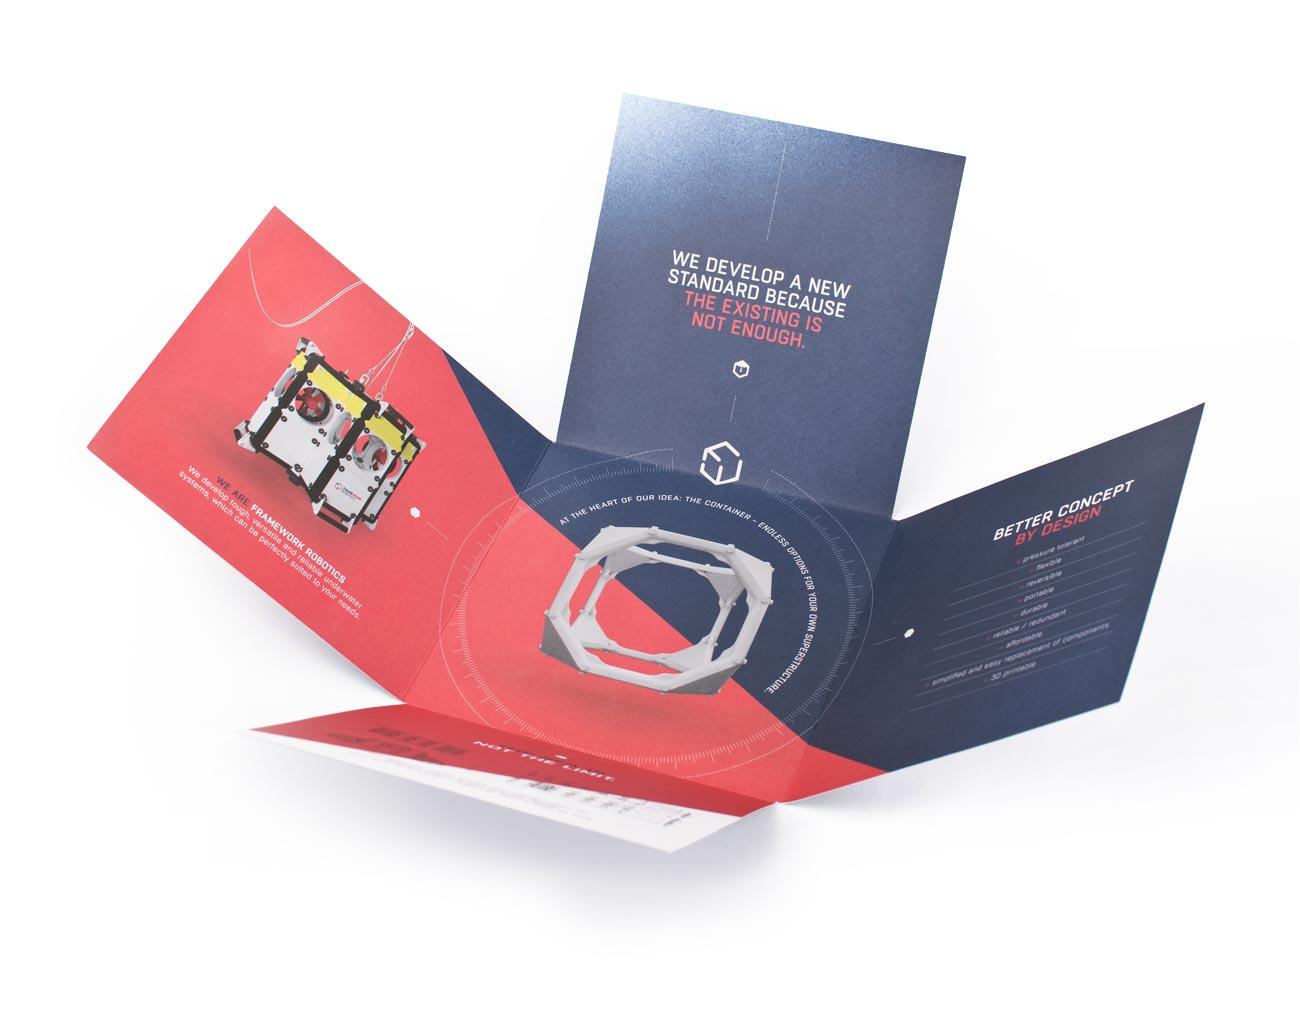 Das Bild zeigt die geöffnete Broschüre im Quadratfalz für den Kunden FRAMEWORK Robotics. Design und Text wurden vollständig durch die Designagentur 40knots entwickelt.